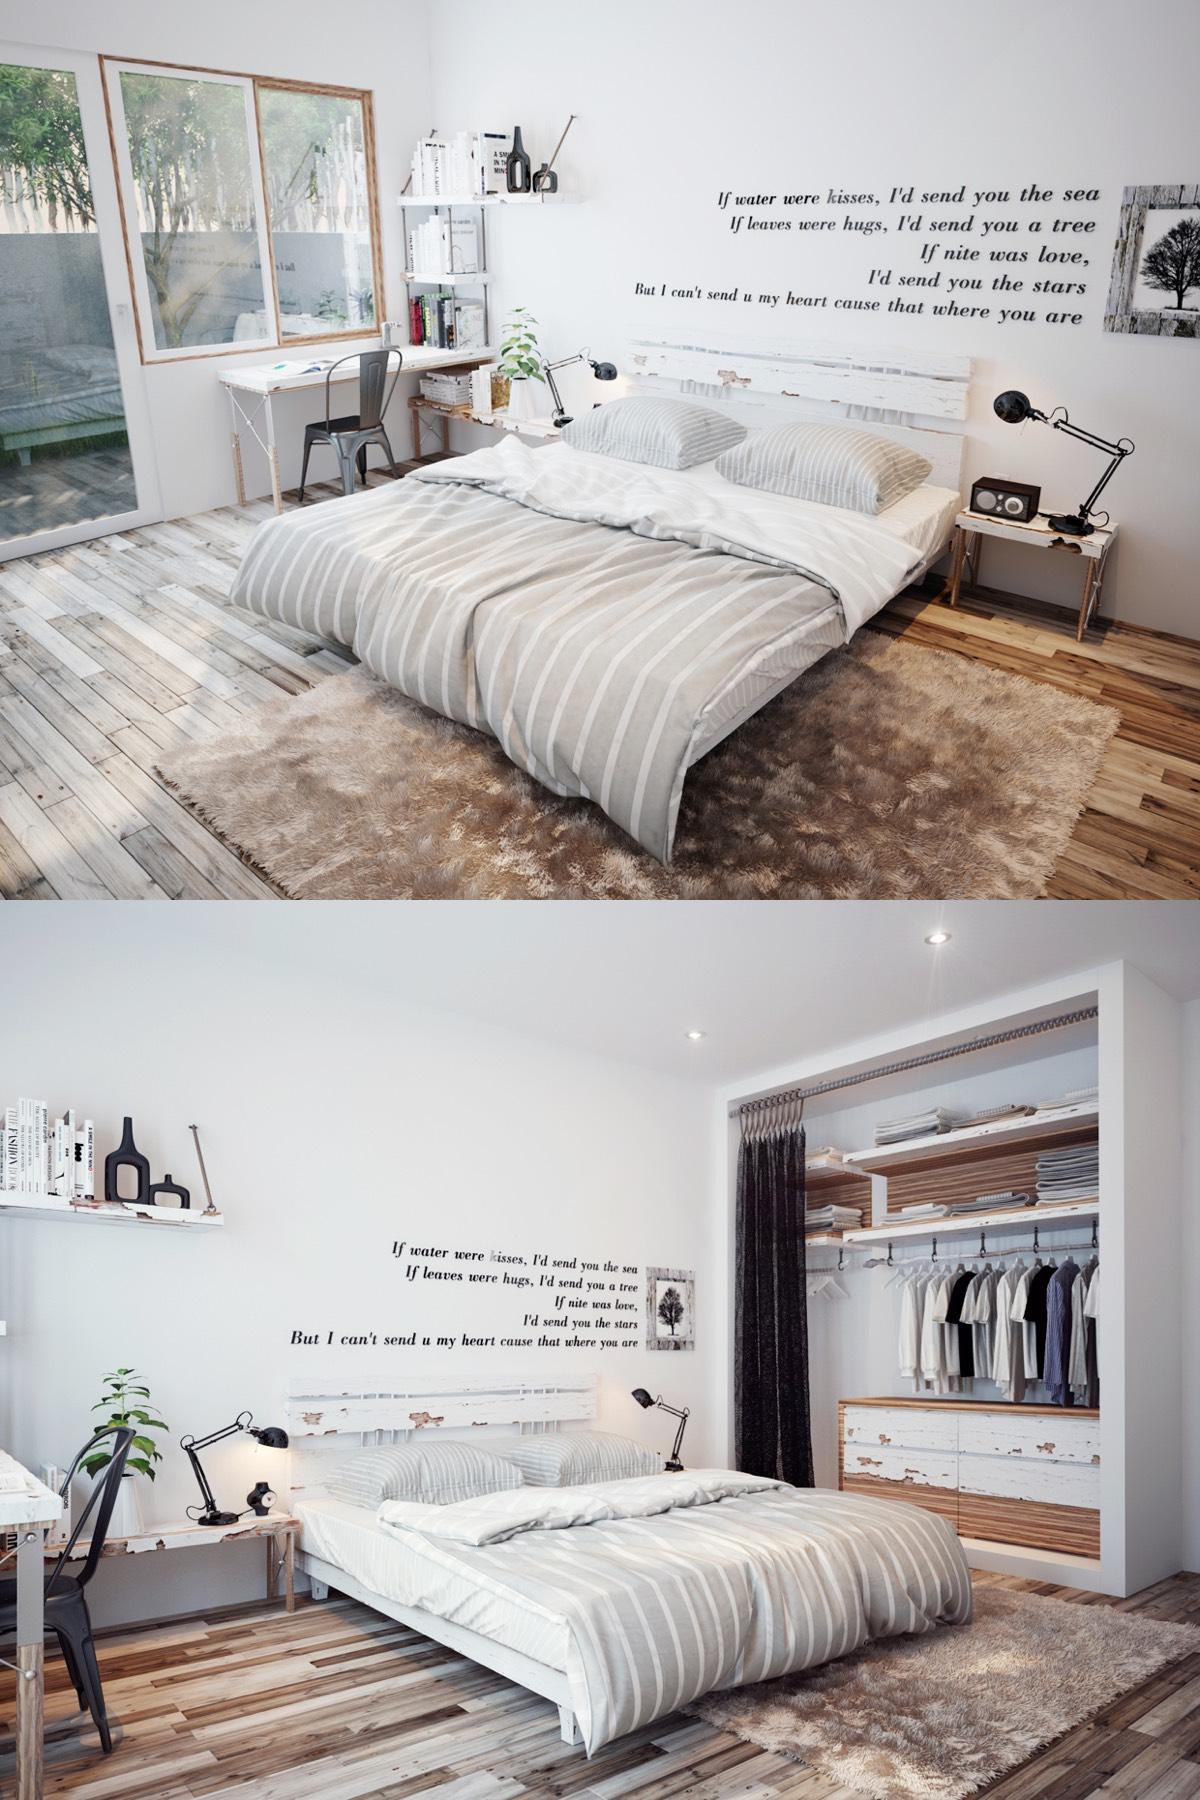 Phòng ngủ này được thiết kế bởi nhà thiết kế Hiếu Đoàn, với một dòng chữ decal lãng mạn như một liên lạc từ hiện đại vào với thiết kế phòng ngủ phong cách cổ điển.